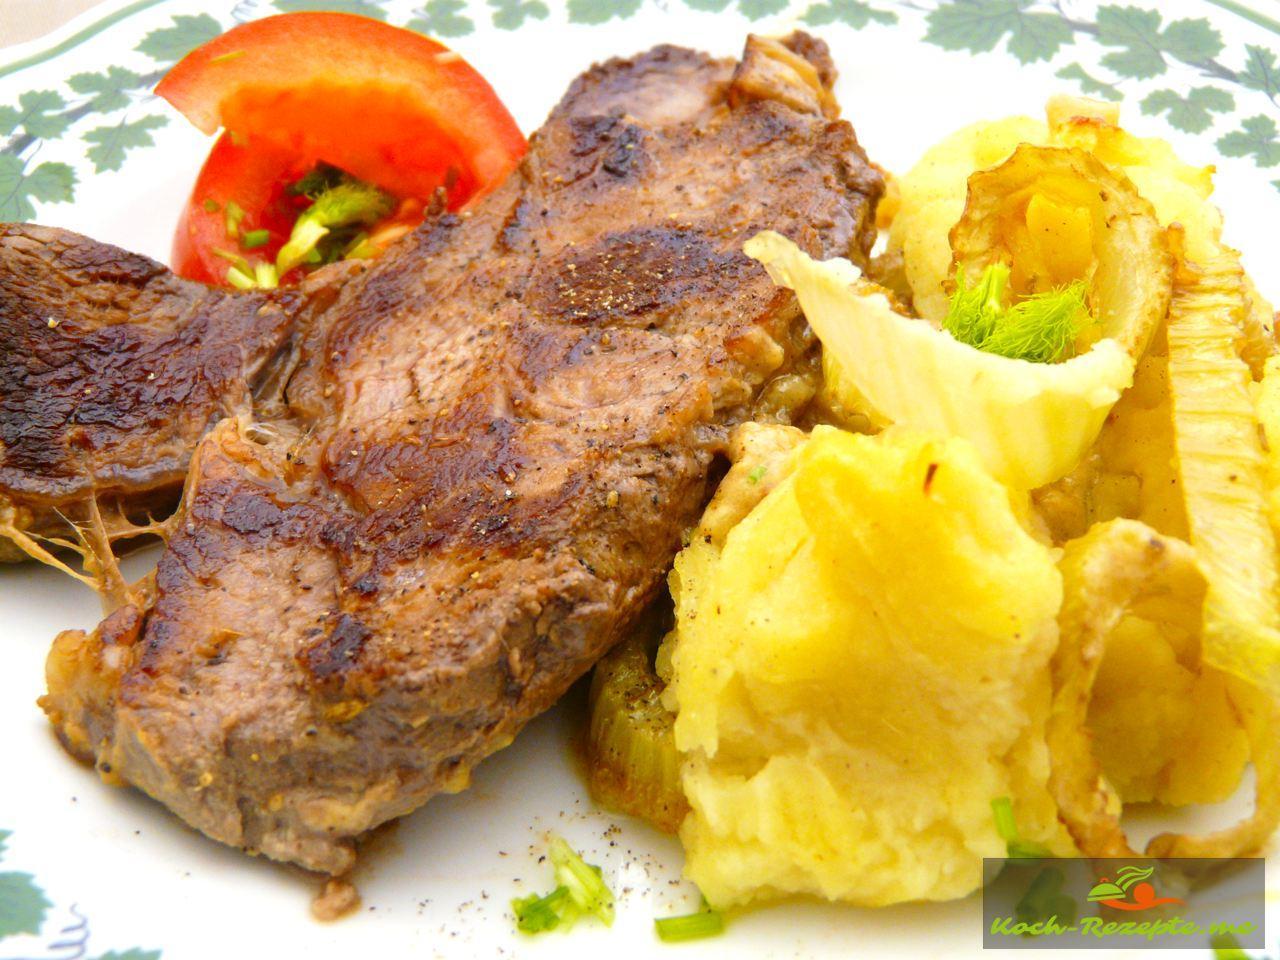 Das Steak wurde in der Pfanne durchgebraten,  Angus Roastbeef well done